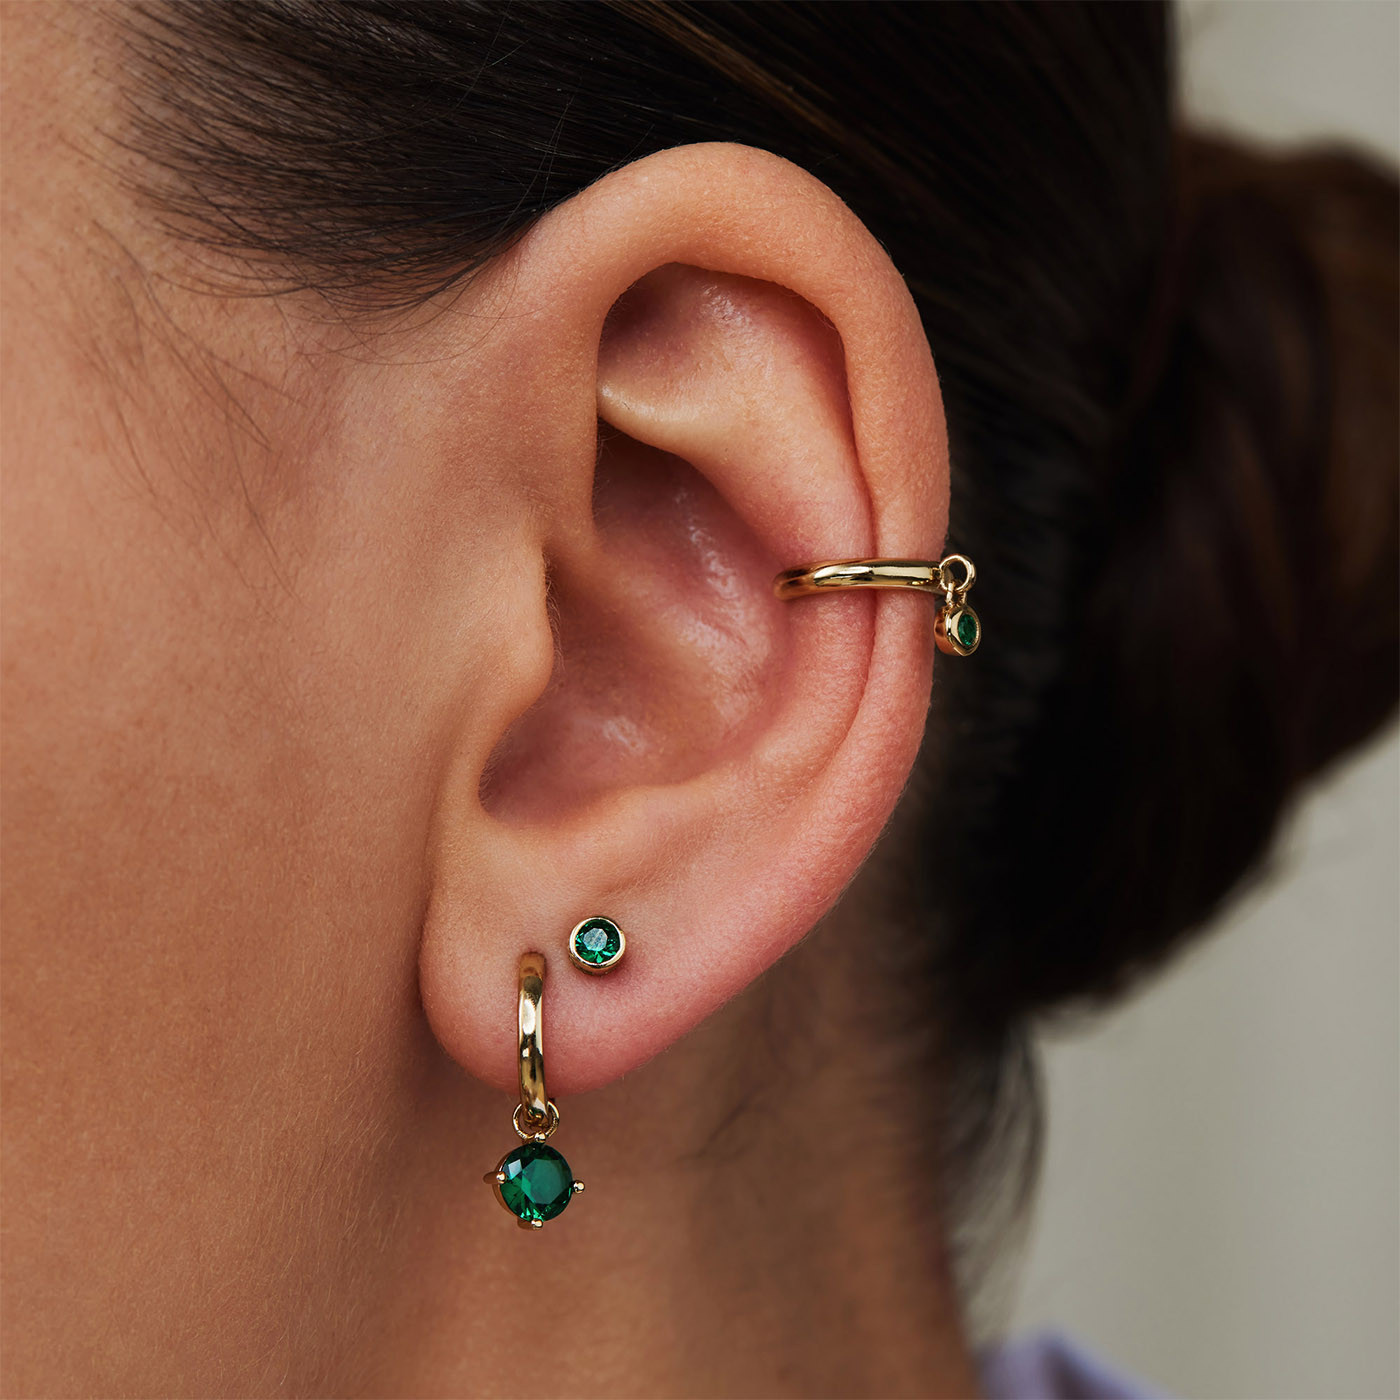 Violet Hamden Venus 925 Sterling Zilveren Goudkleurige Ear Cuff Met Geboortesteen VH370002 (JAN-DEC)